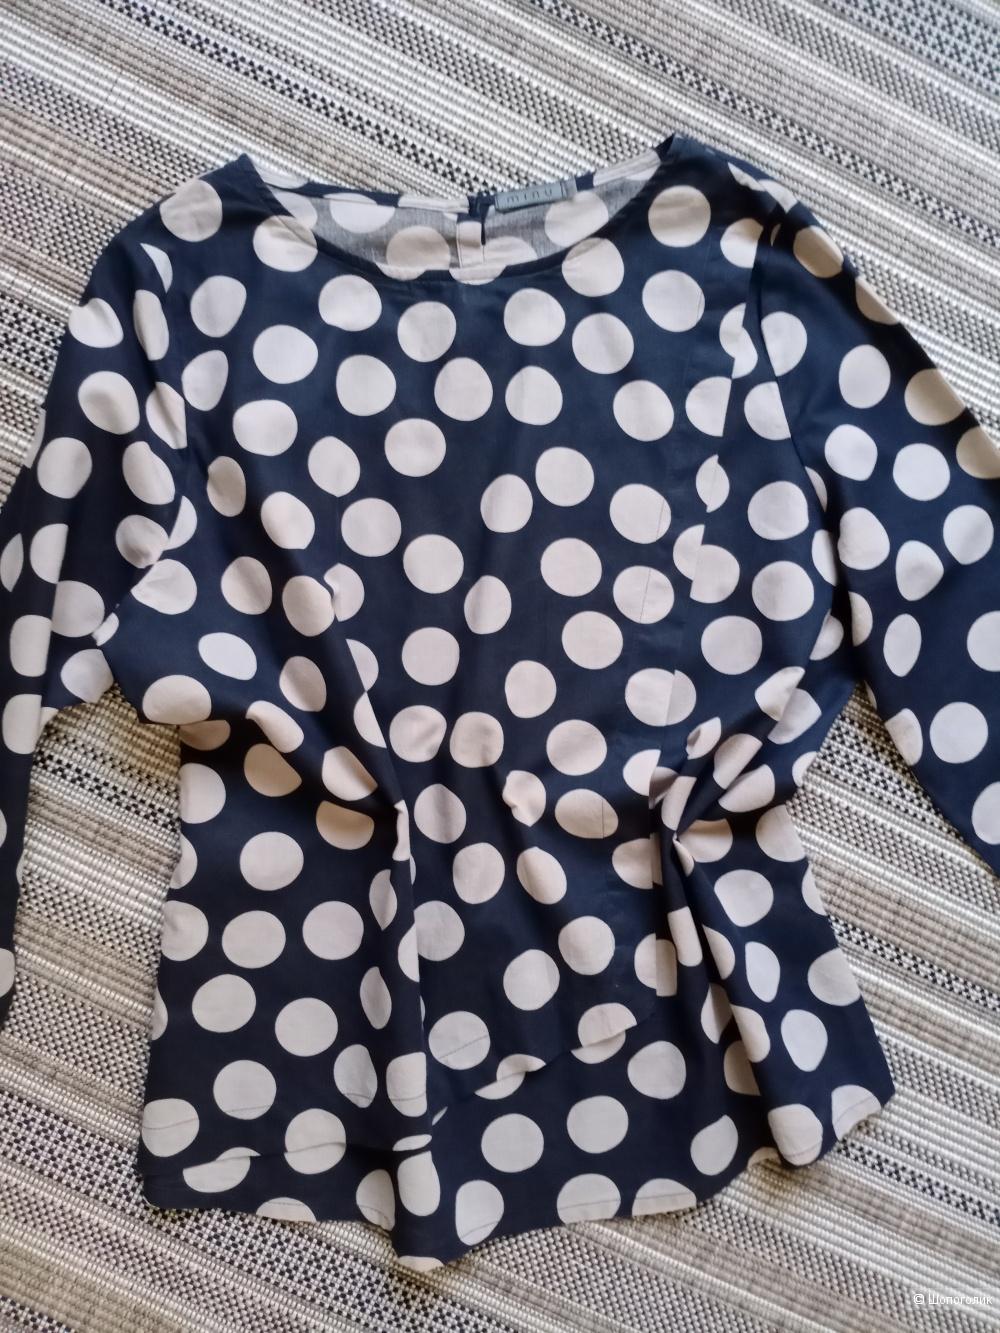 Блуза Minu, 46-48